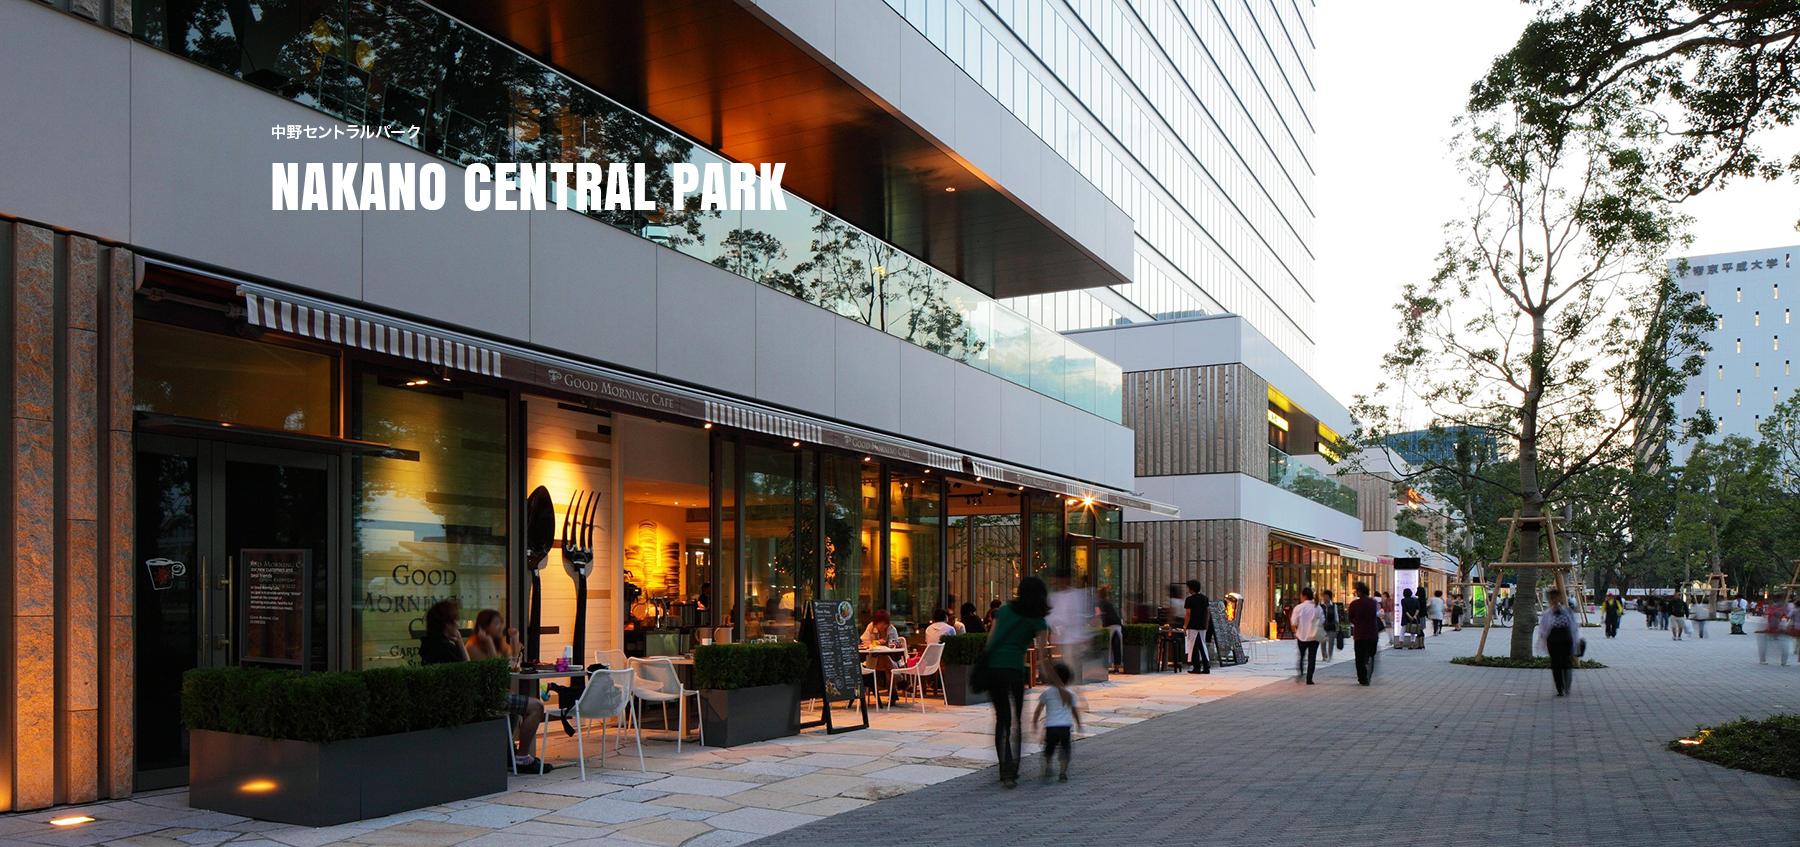 中野セントラルパーク